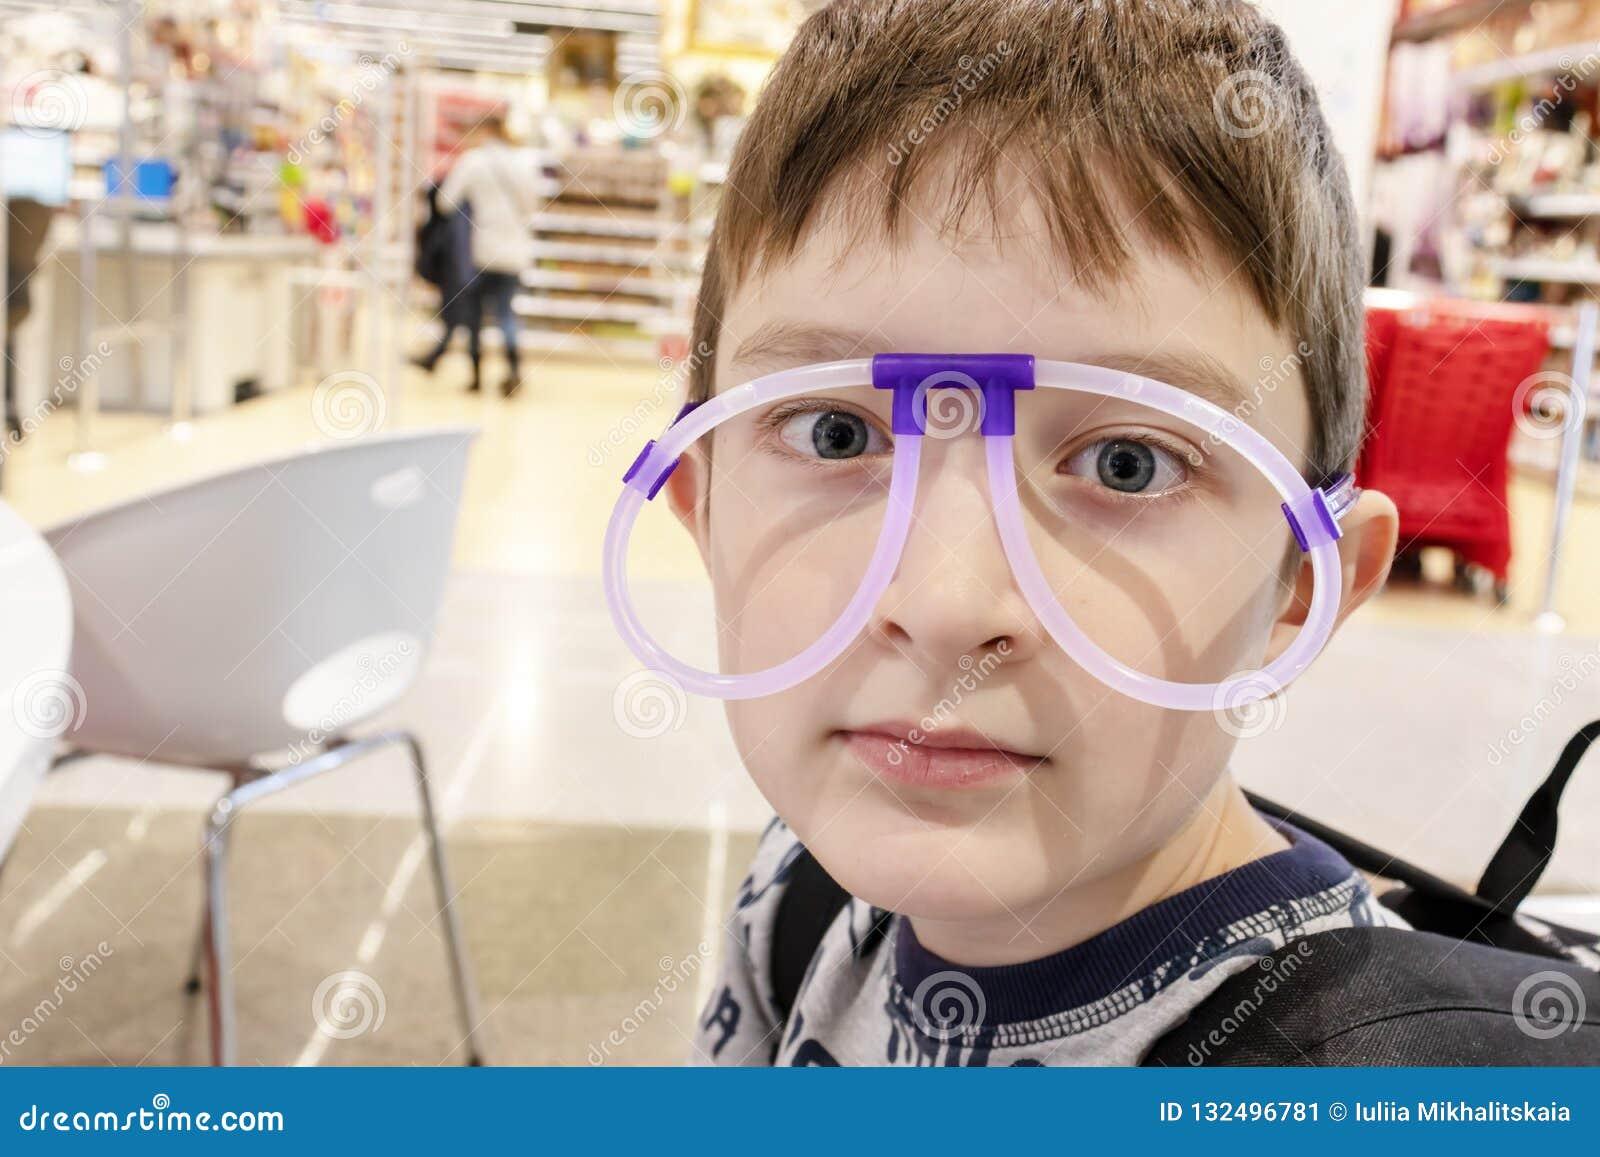 Ritratto del ragazzo sveglio divertente che indossa i vetri sconosciuti fatti dei tubi al neon fluorescenti, centro commerciale